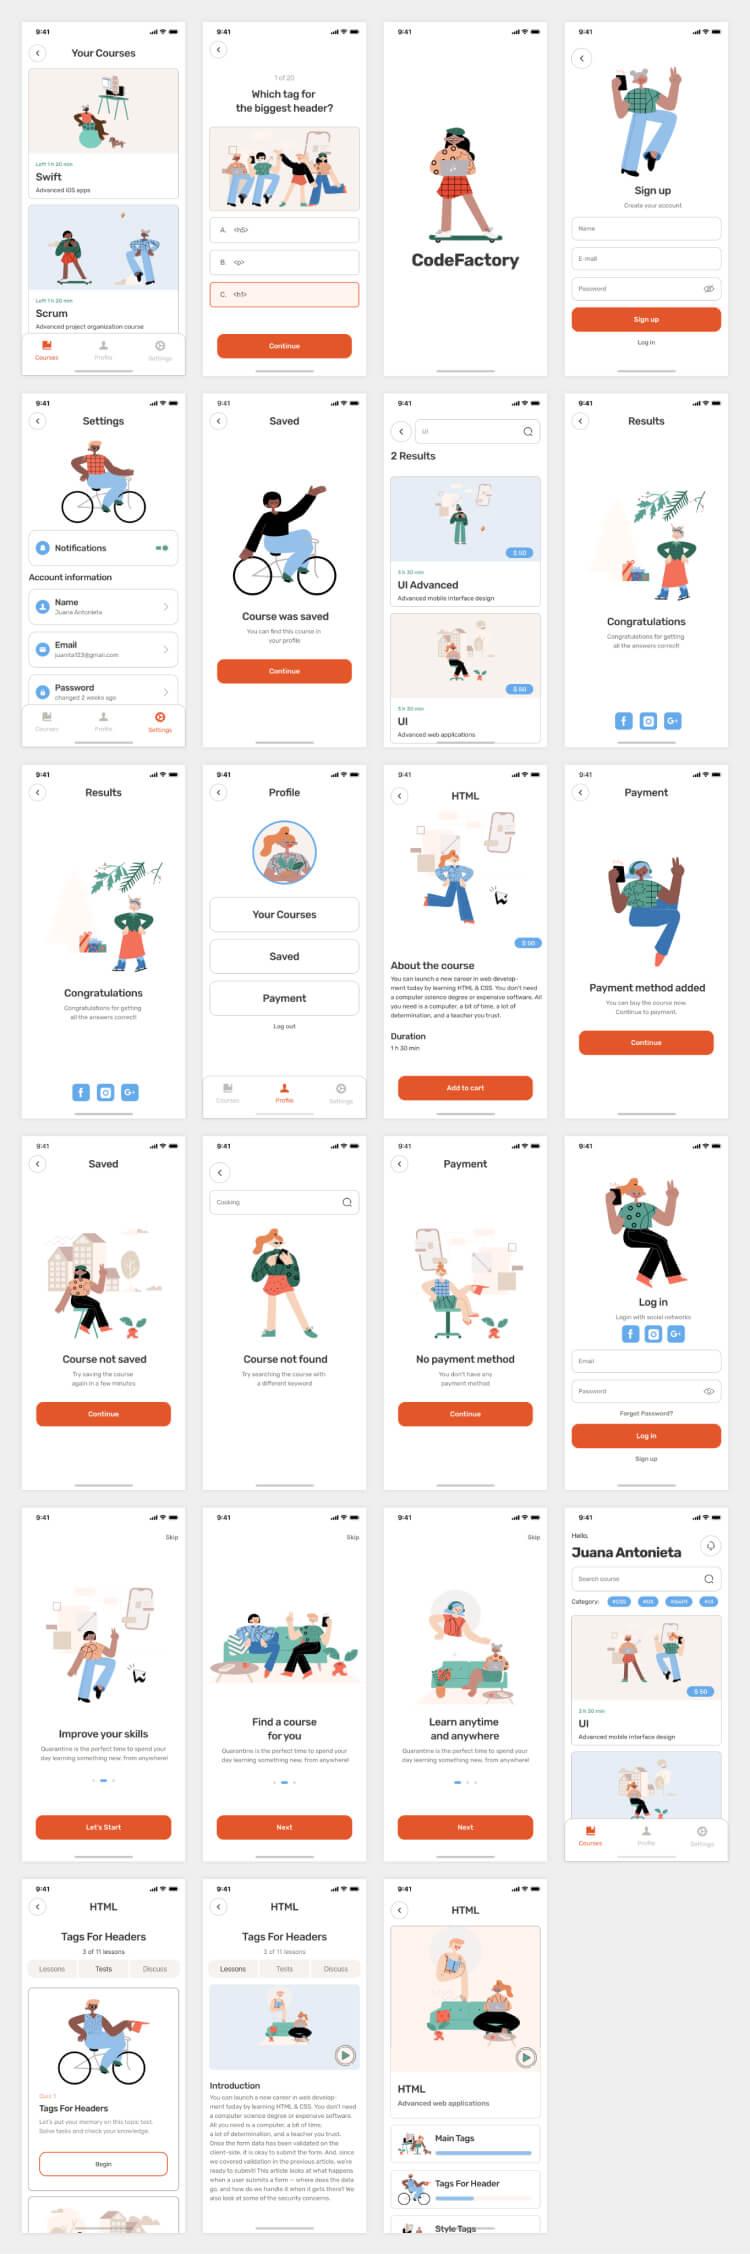 course edtech mobile app 2 - UI Freebies